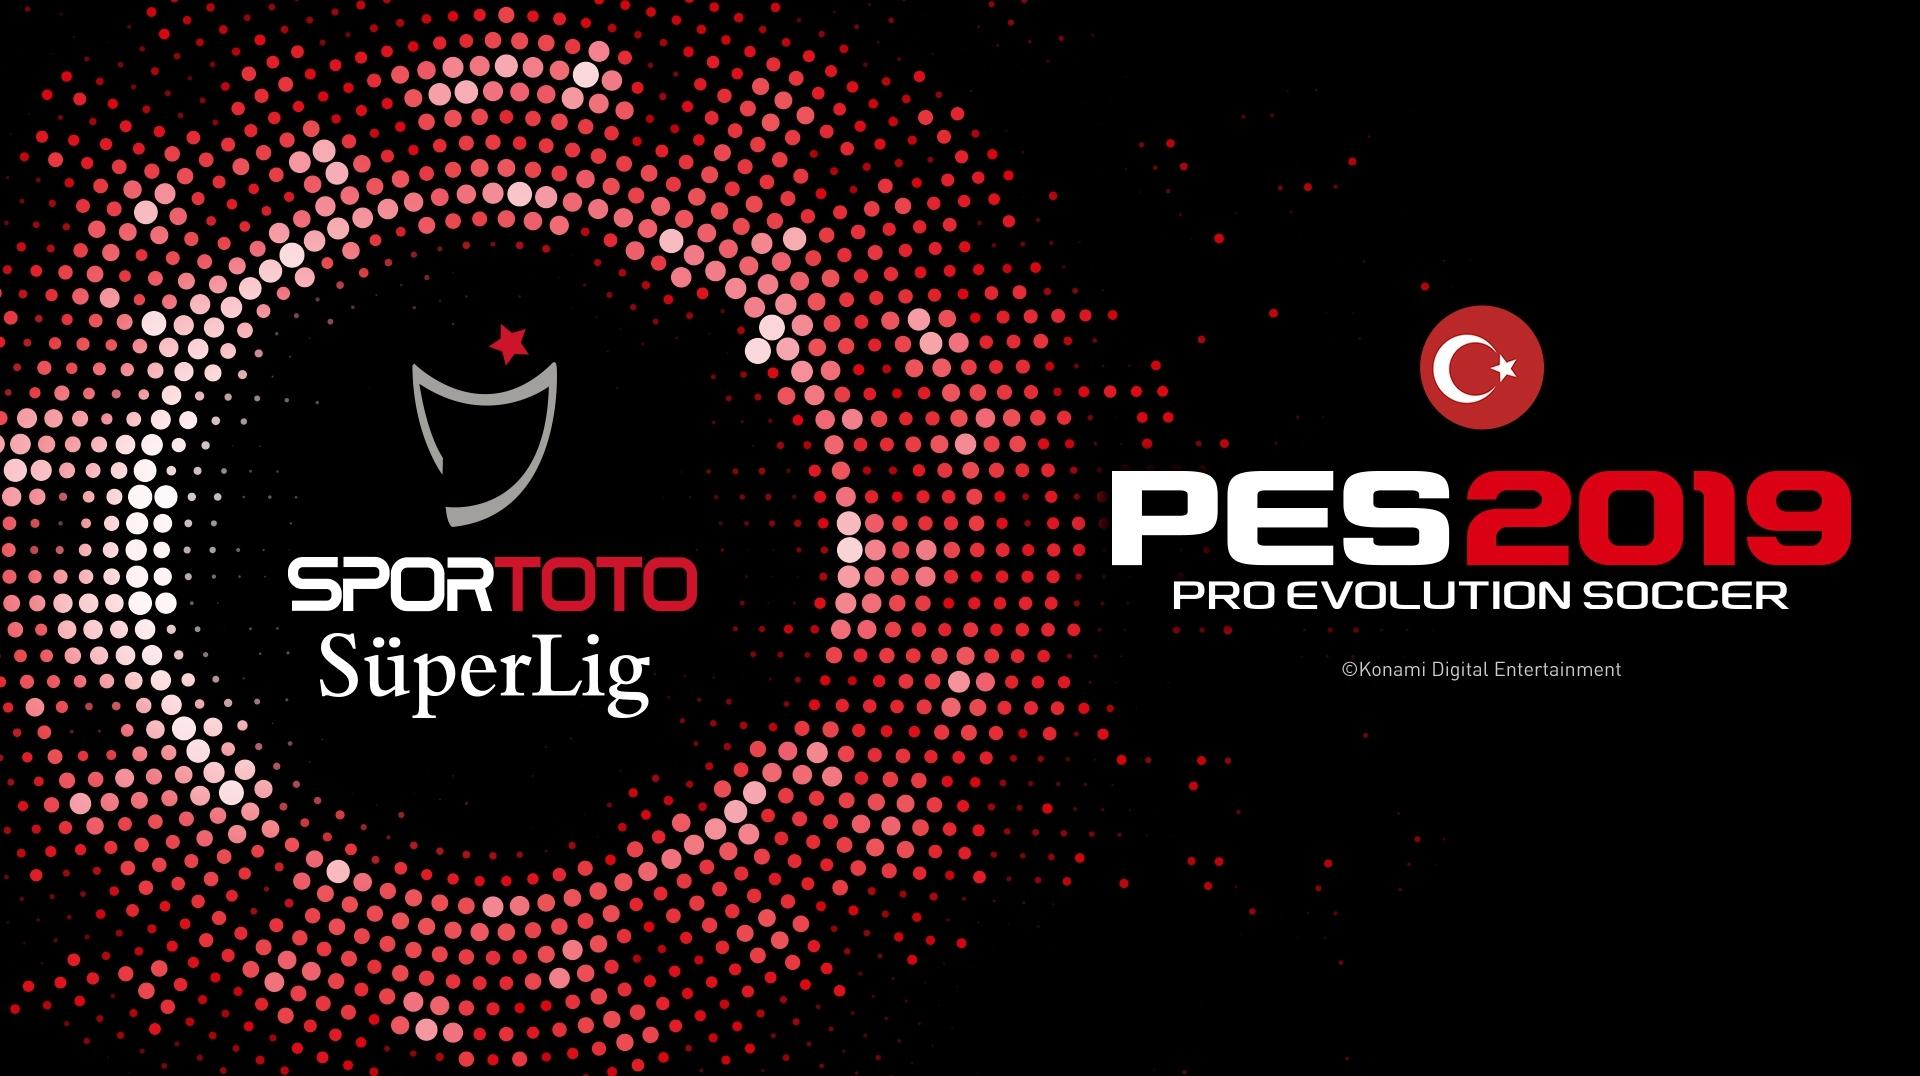 PES 2019 tendrá la licencia de la Süper Lig turca